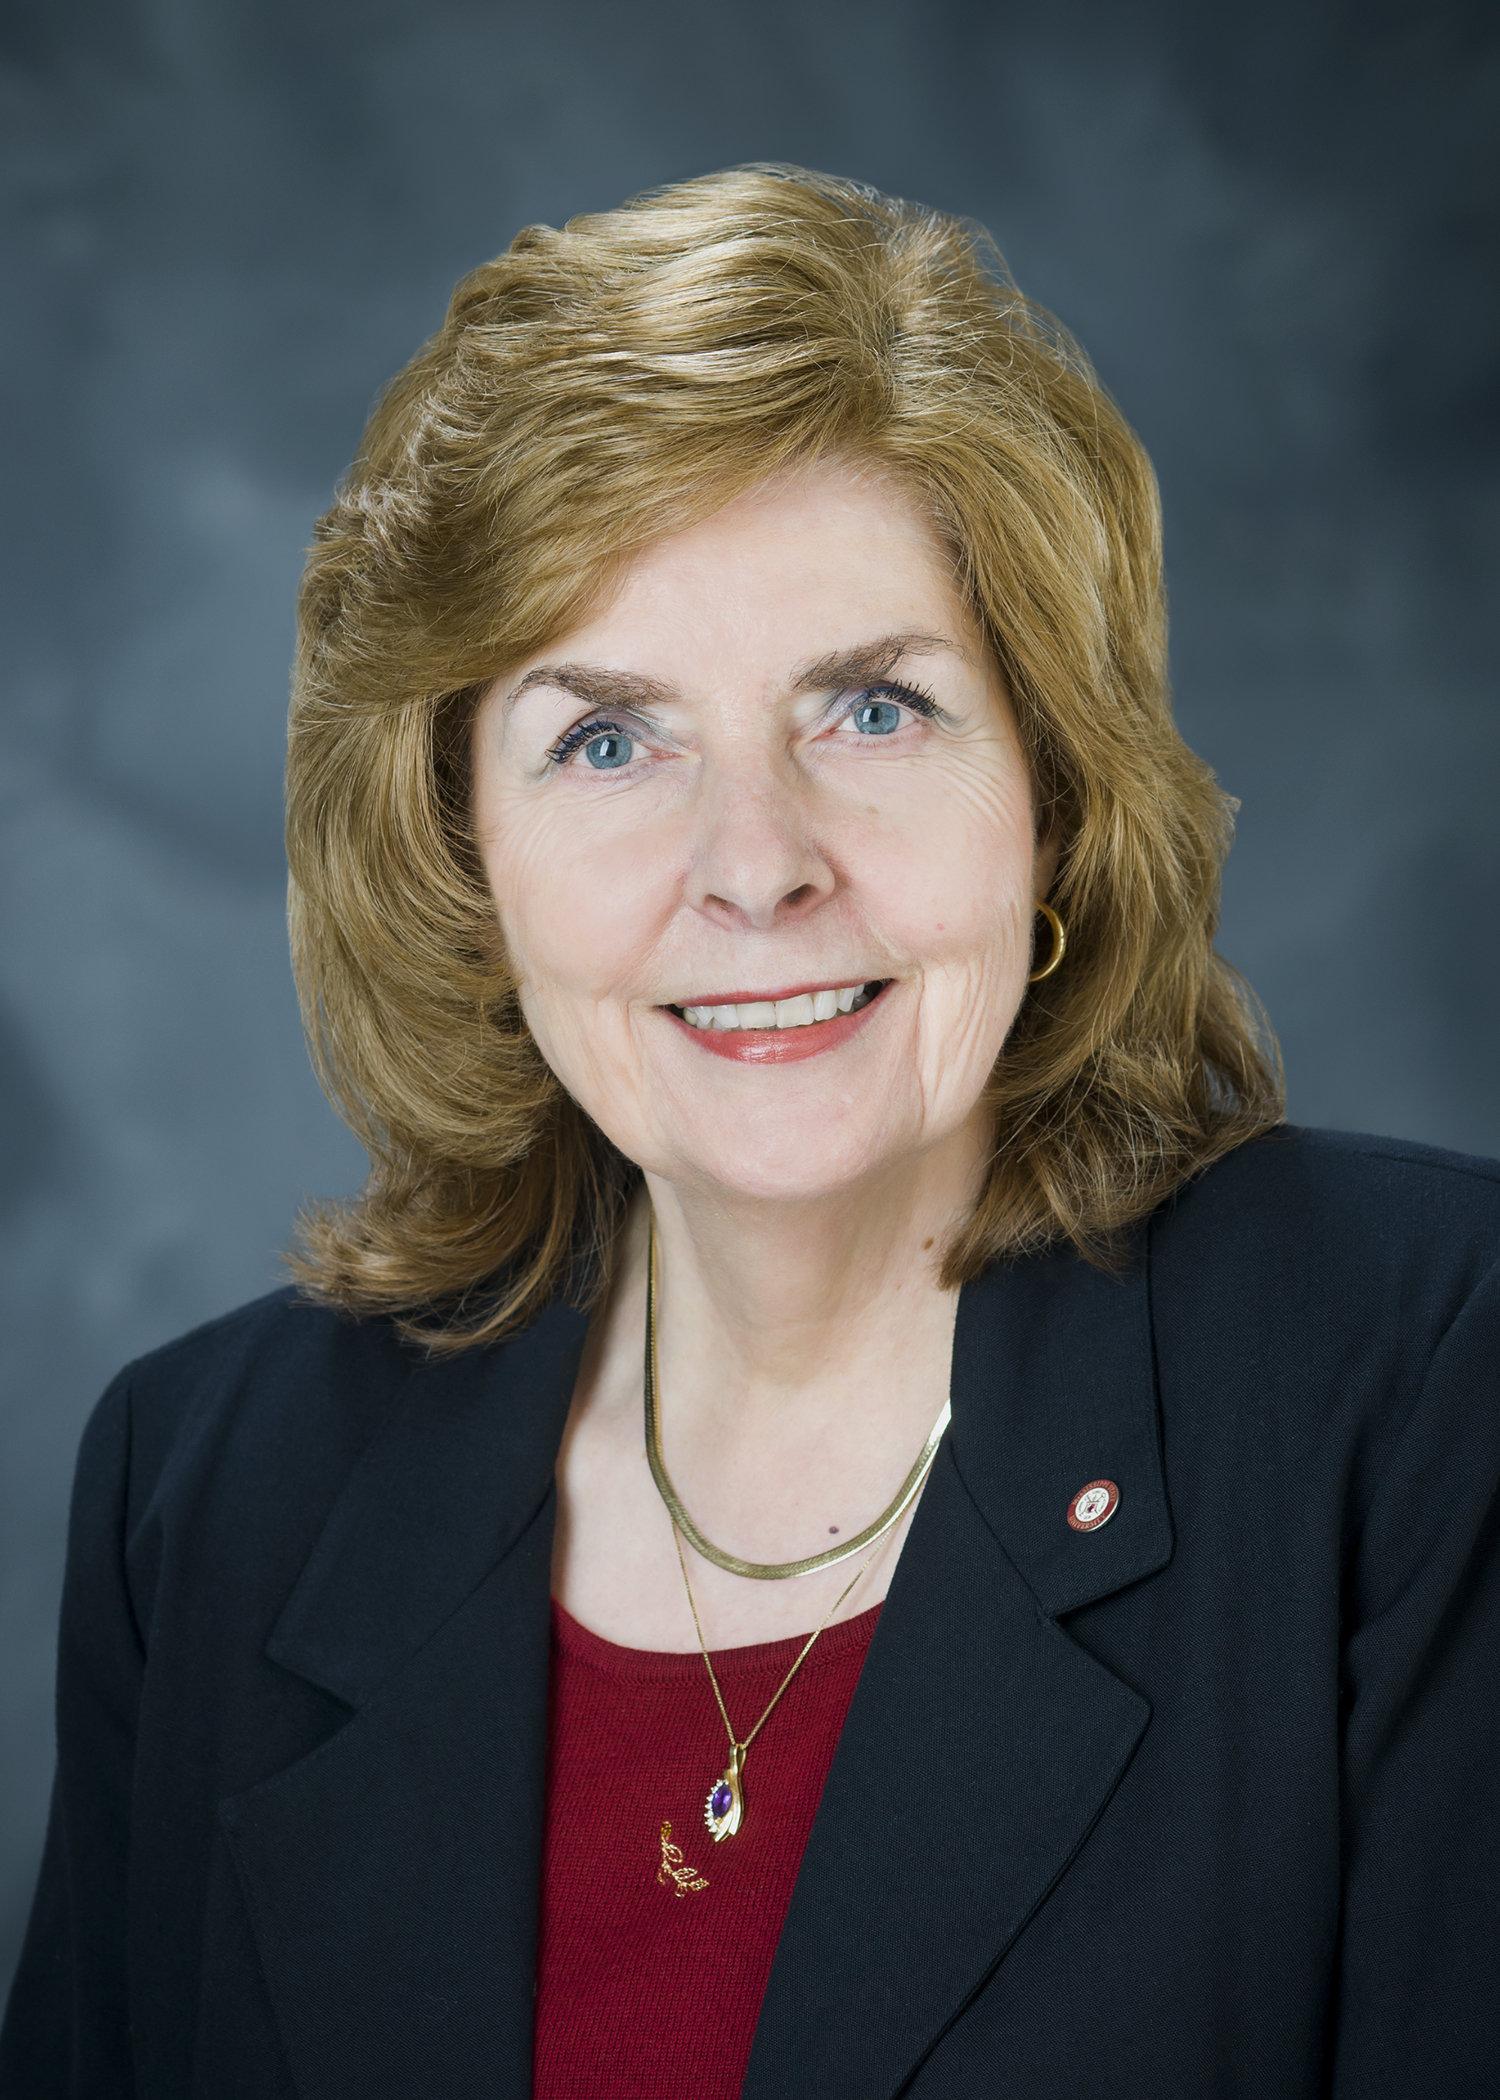 Dr. Janice Chambers